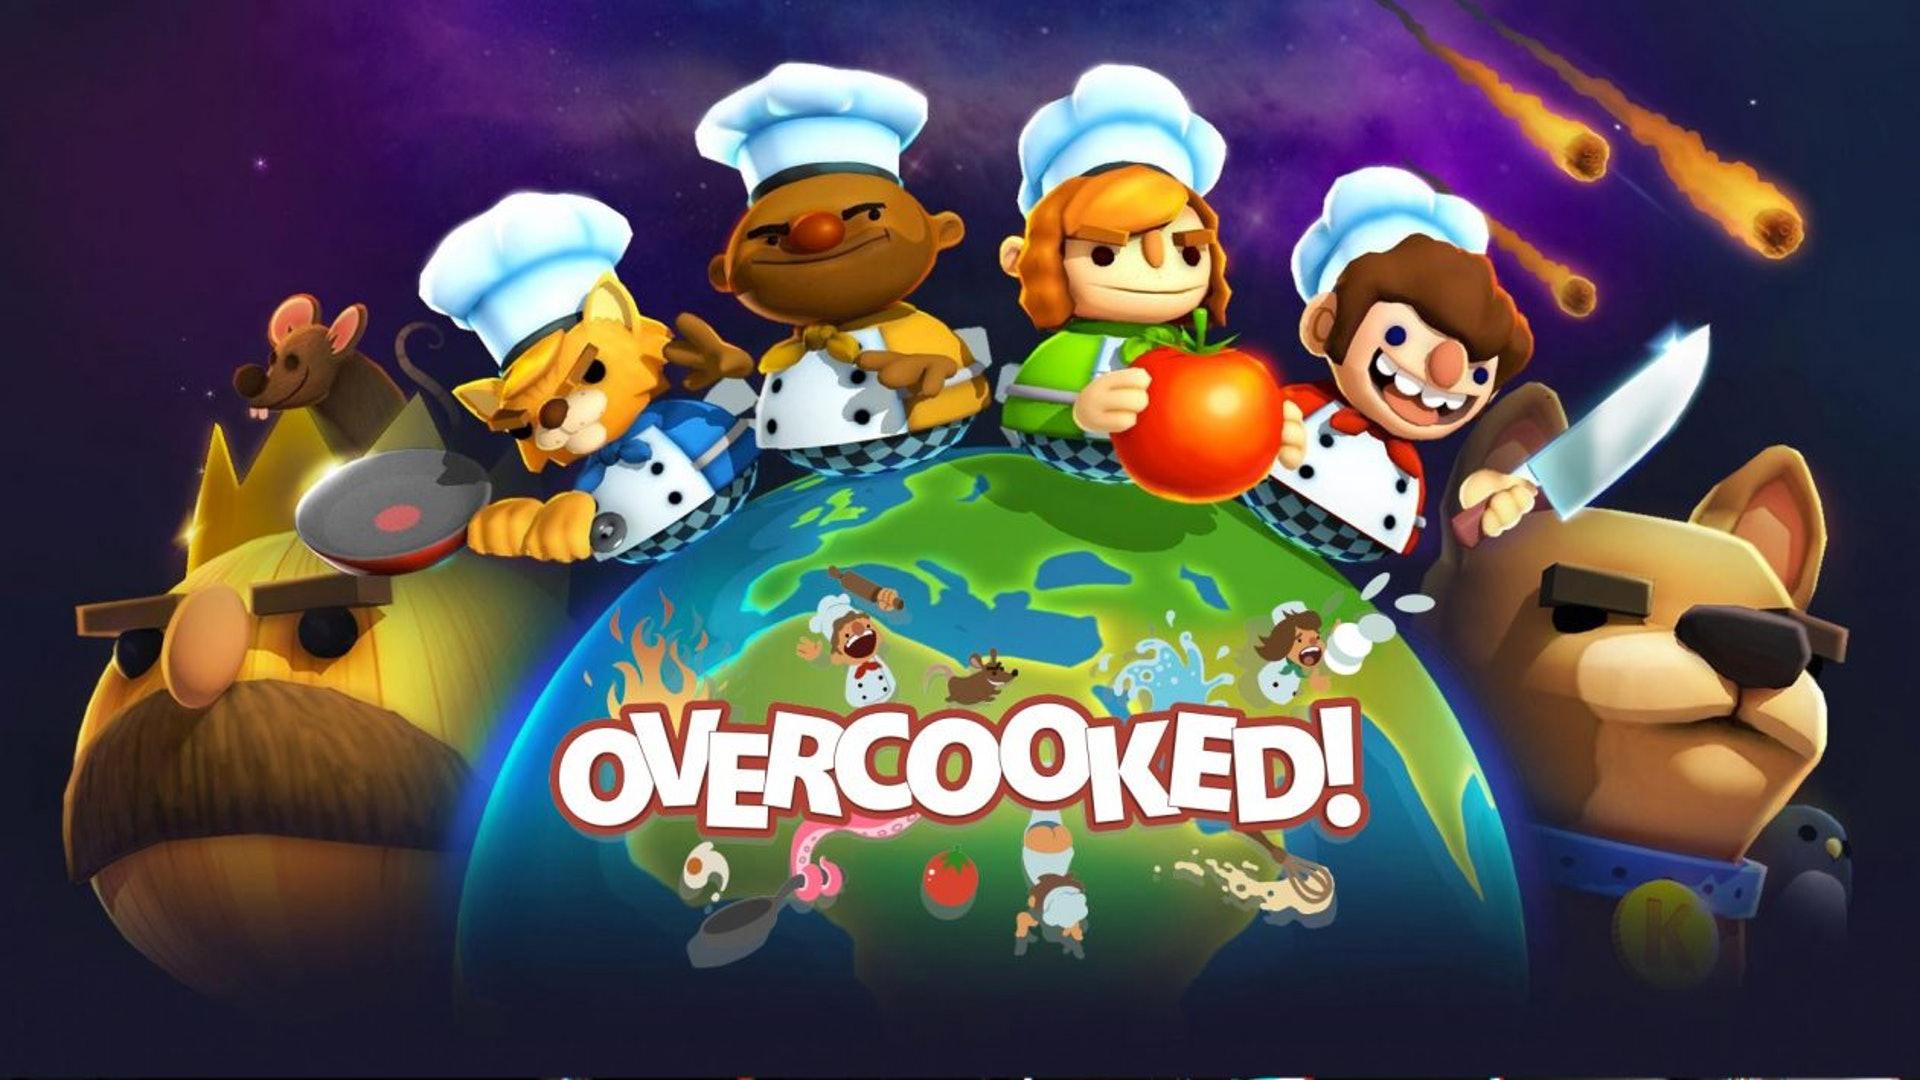 初代《OVERCOOKED!》免費登陸EPIC Games平台。